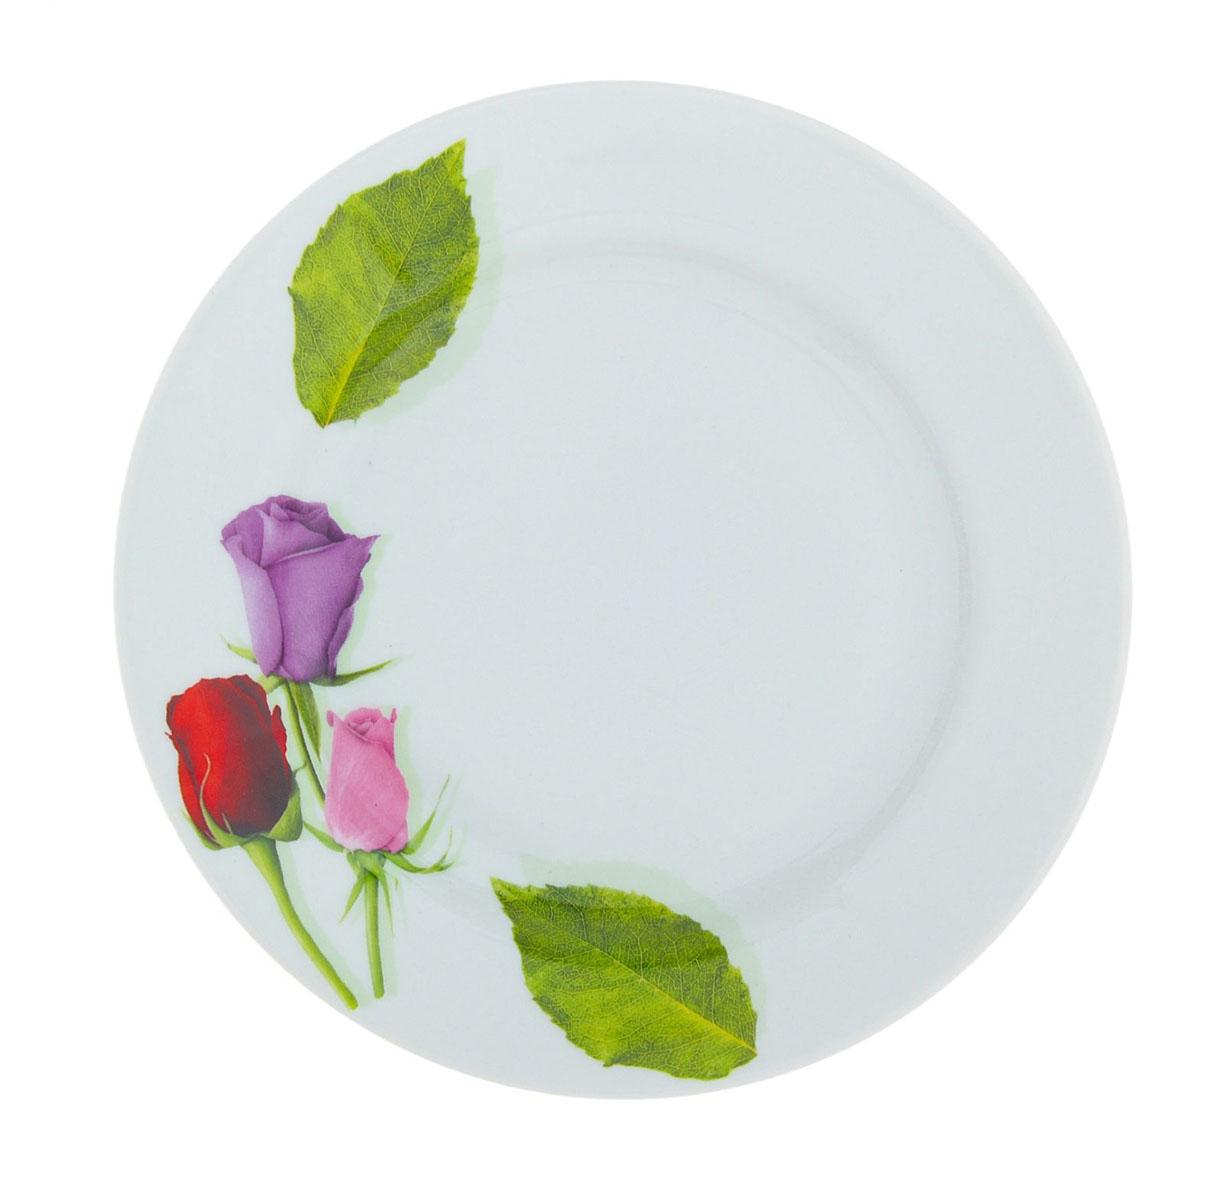 Тарелка мелкая Идиллия. Королева цветов, диаметр 20 см507754